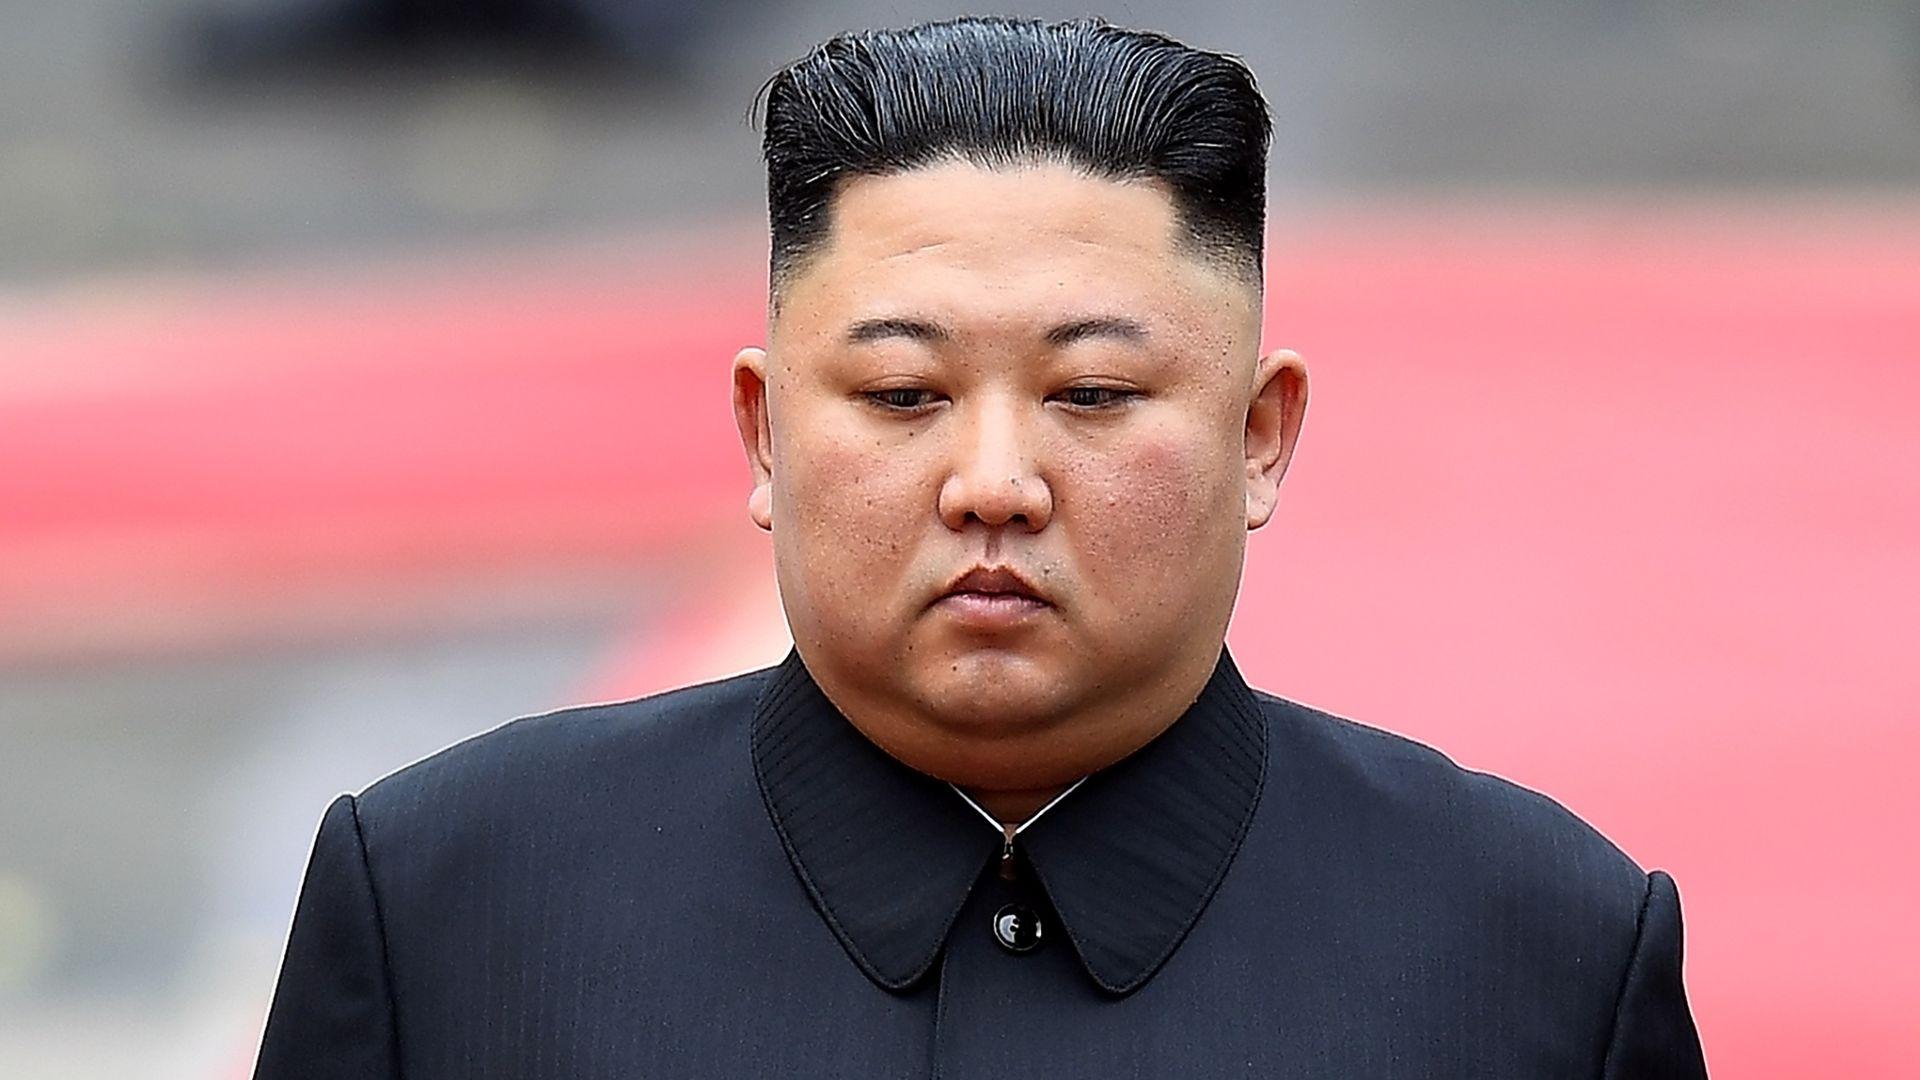 Kotoran Kim Jong Un Dilindungi Negara, Yang Masuk ke Toiletnya Bisa Dihukum Mati! (Foto: Manan Vatsayana/AFP via Getty Images)